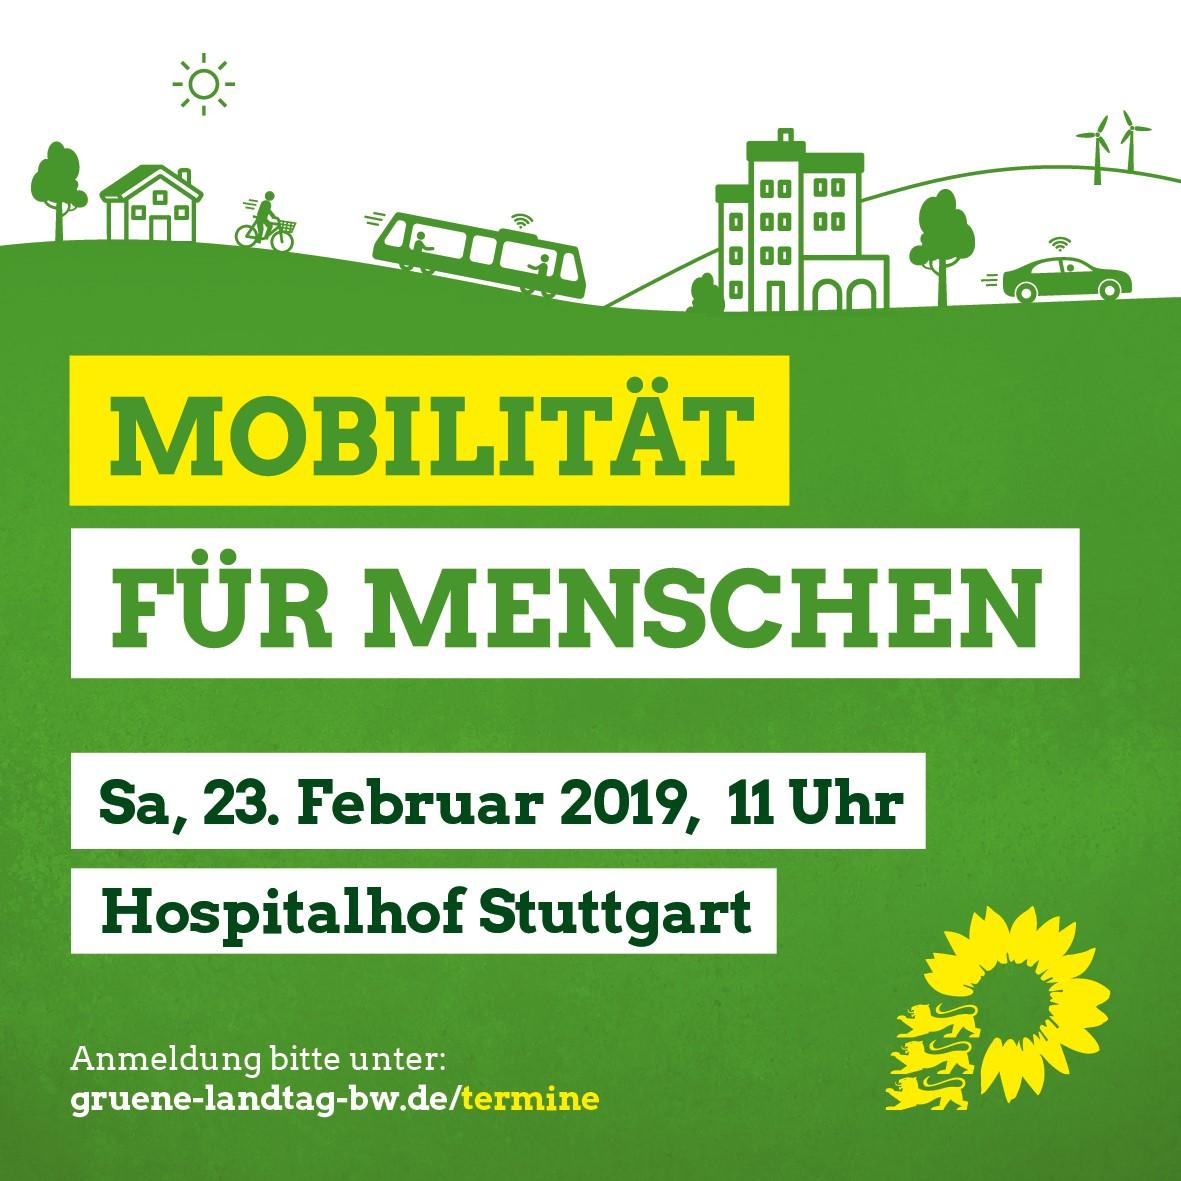 Mobilität für Menschen- emissionsfrei von heute nach morgen